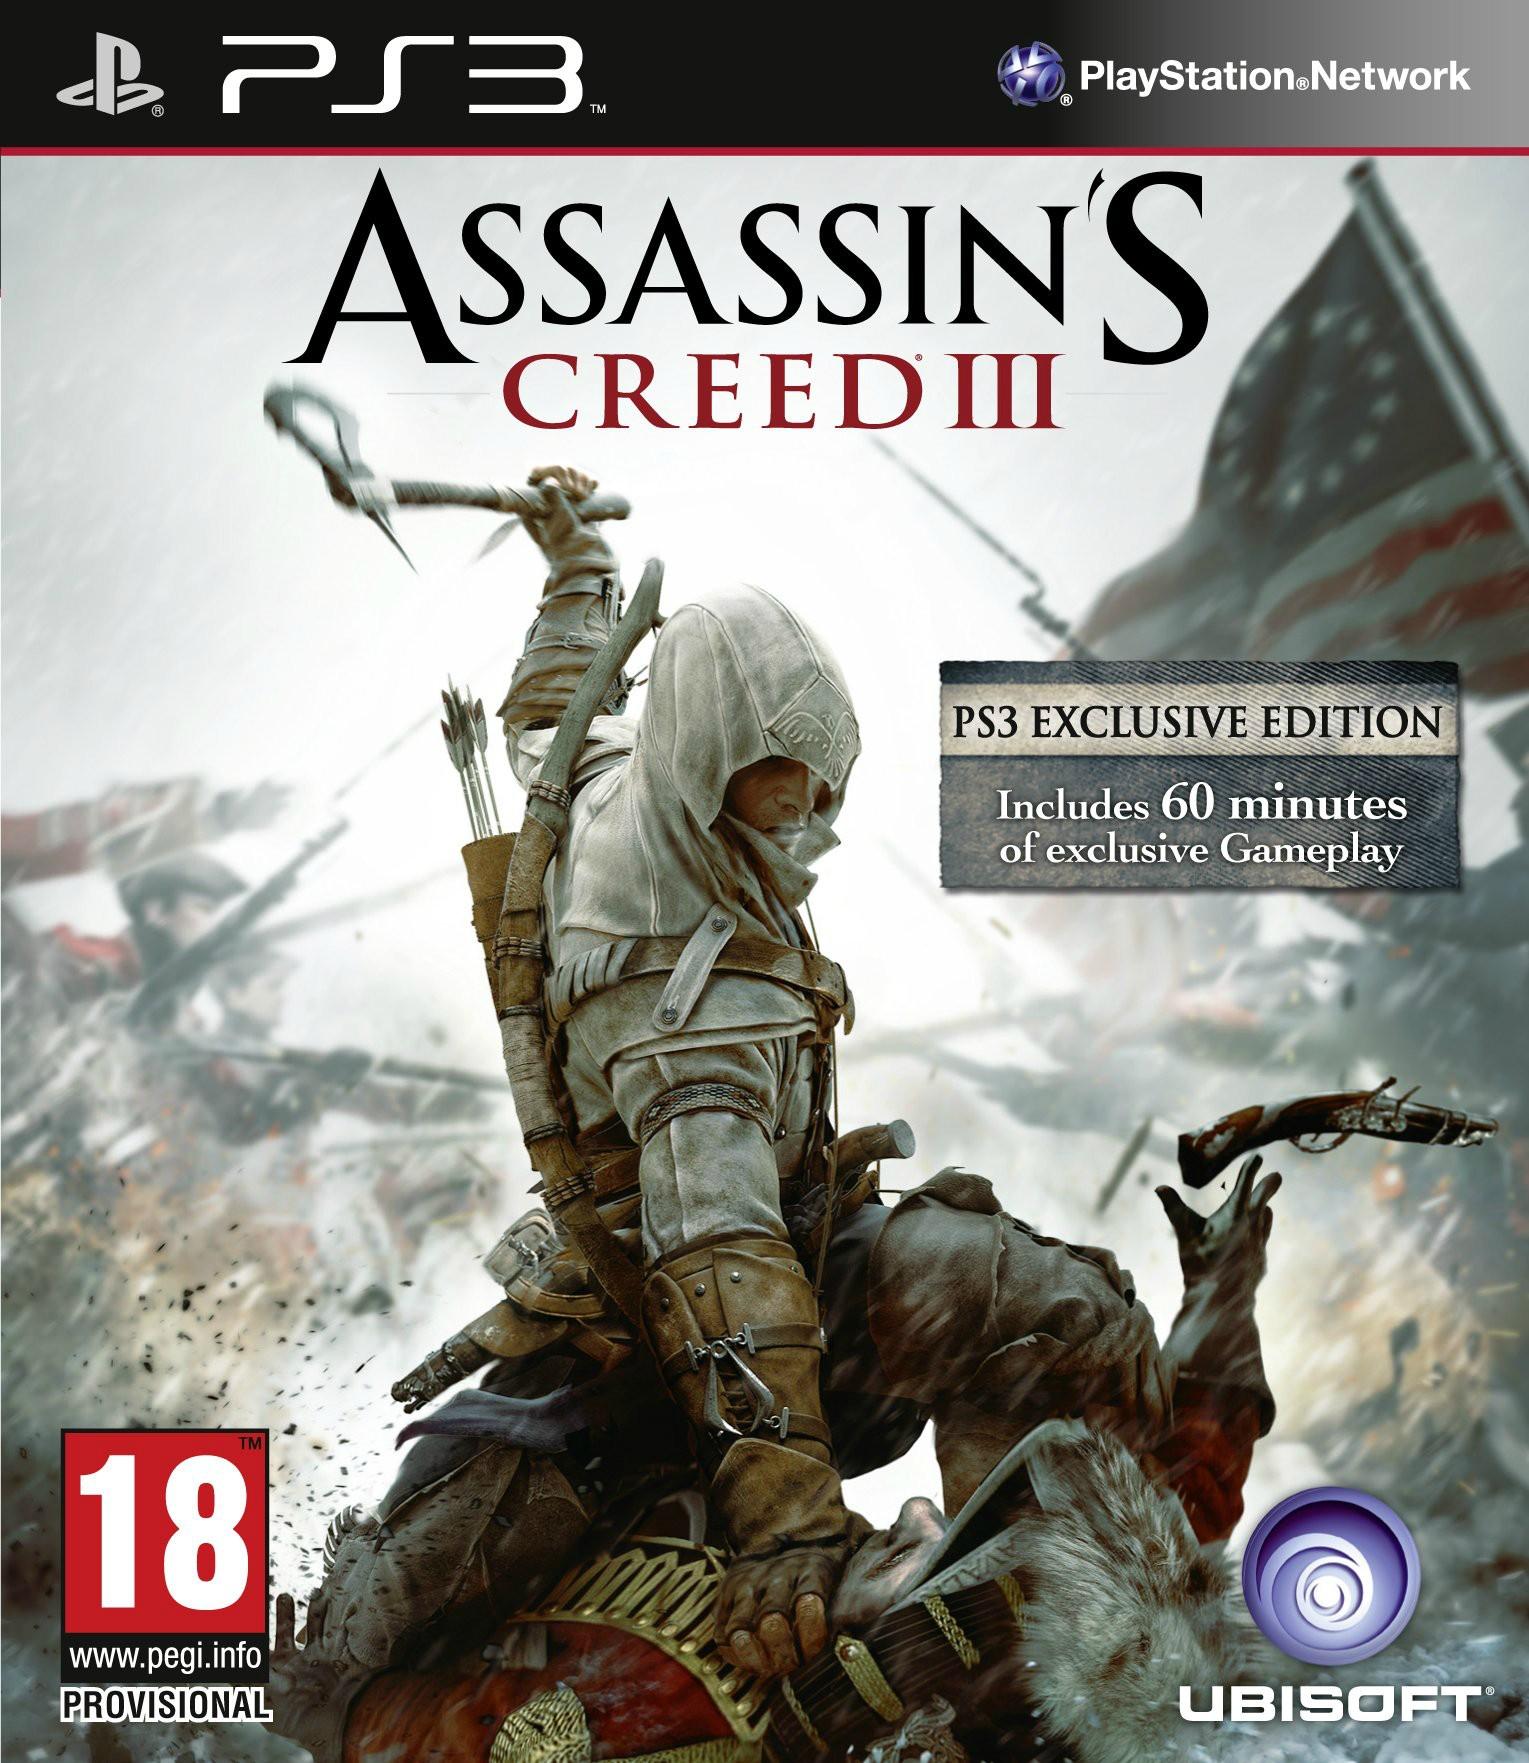 Assassin-sCreedIII PS3 Div 005